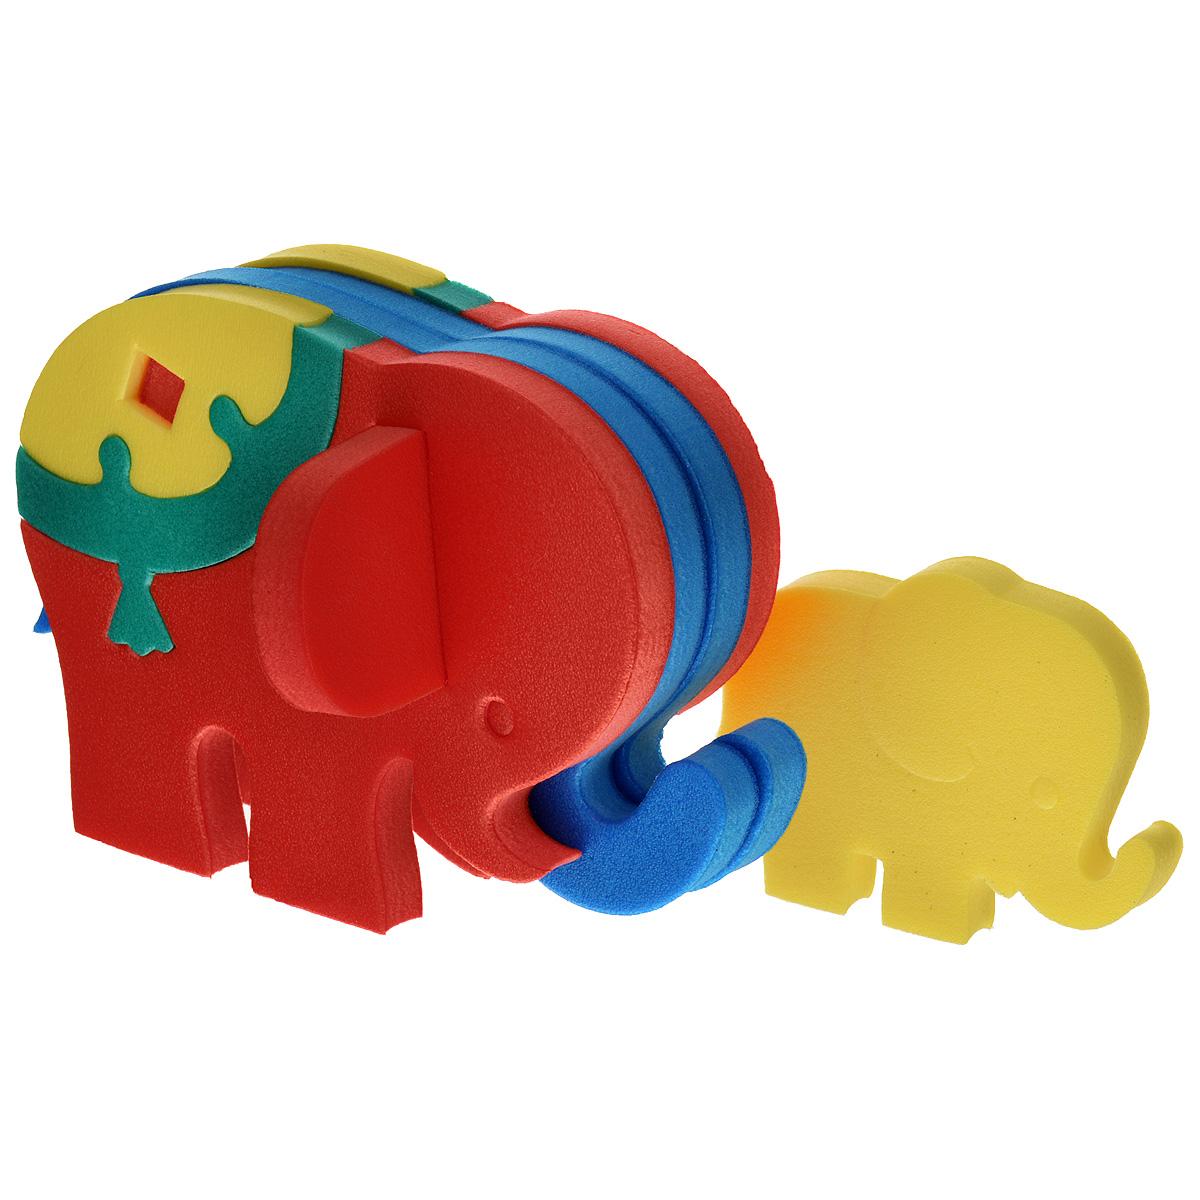 Флексика Мягкий конструктор Слоник флексика пазл для малышей геометрия цвет основы красный